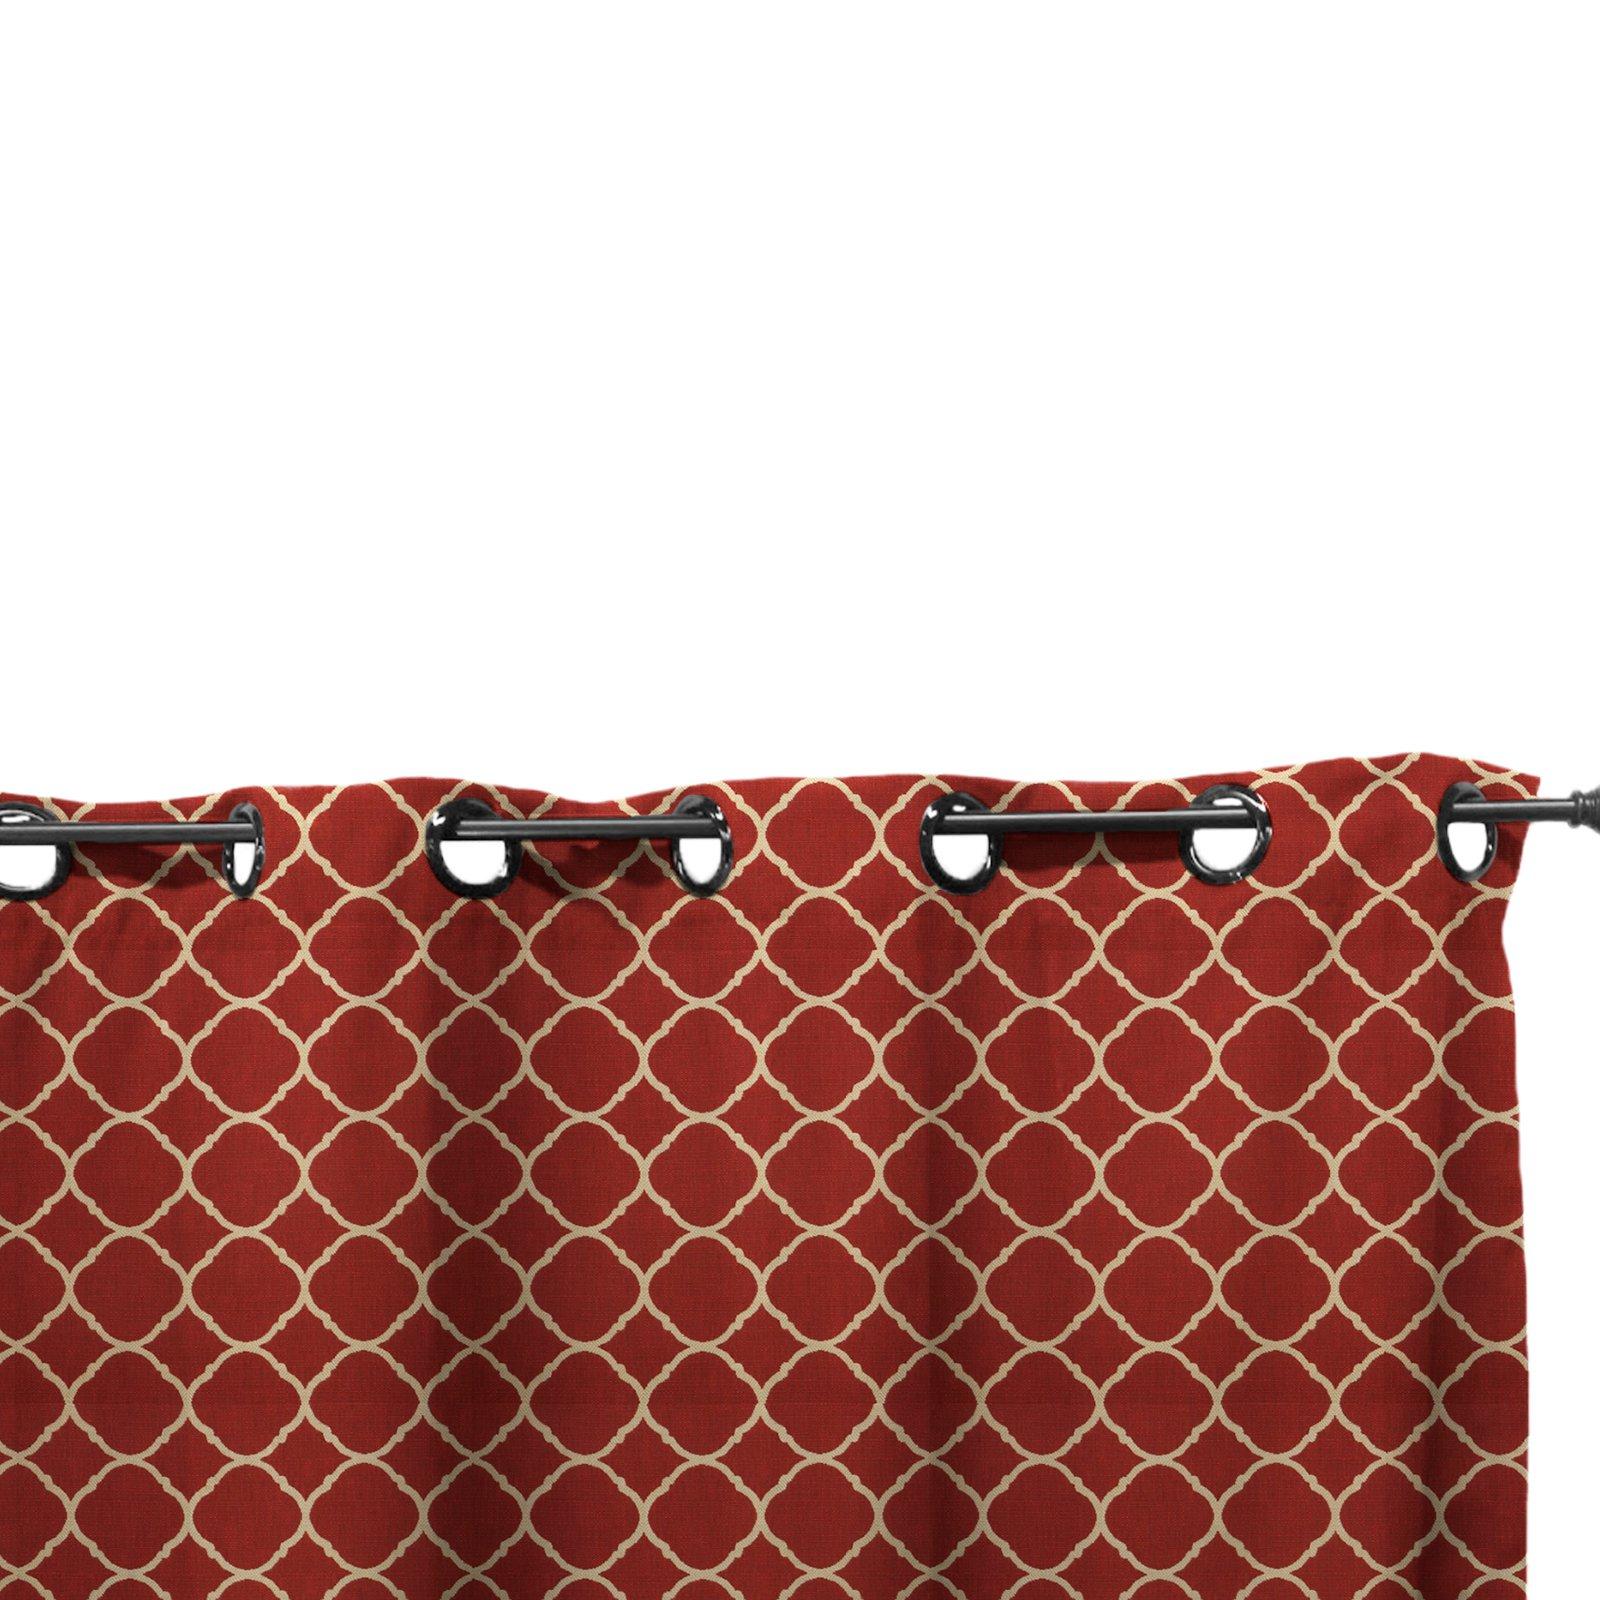 Easy Way Accord II Crimson Print Sunbrella Outdoor Drape with Grommet Top